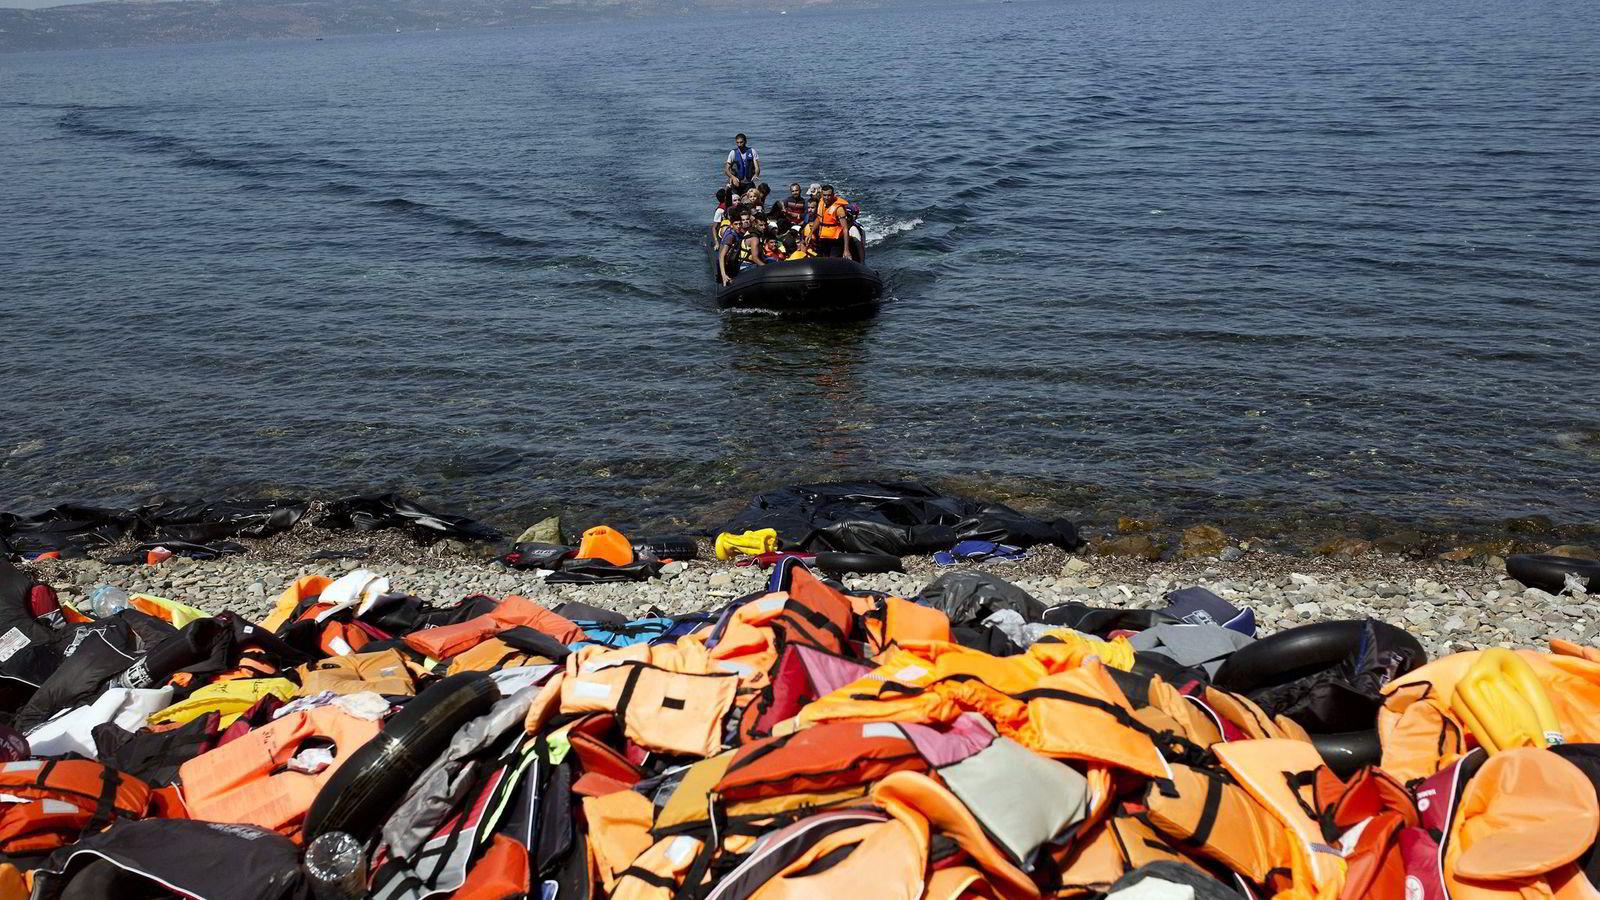 De fleste syrere som reiste over havet til Hellas, brukte bare Tyrkia som transitt fra krigsherjede Syria. Foto: Angelos Tzortzinis, AFP/NTB Scanpix